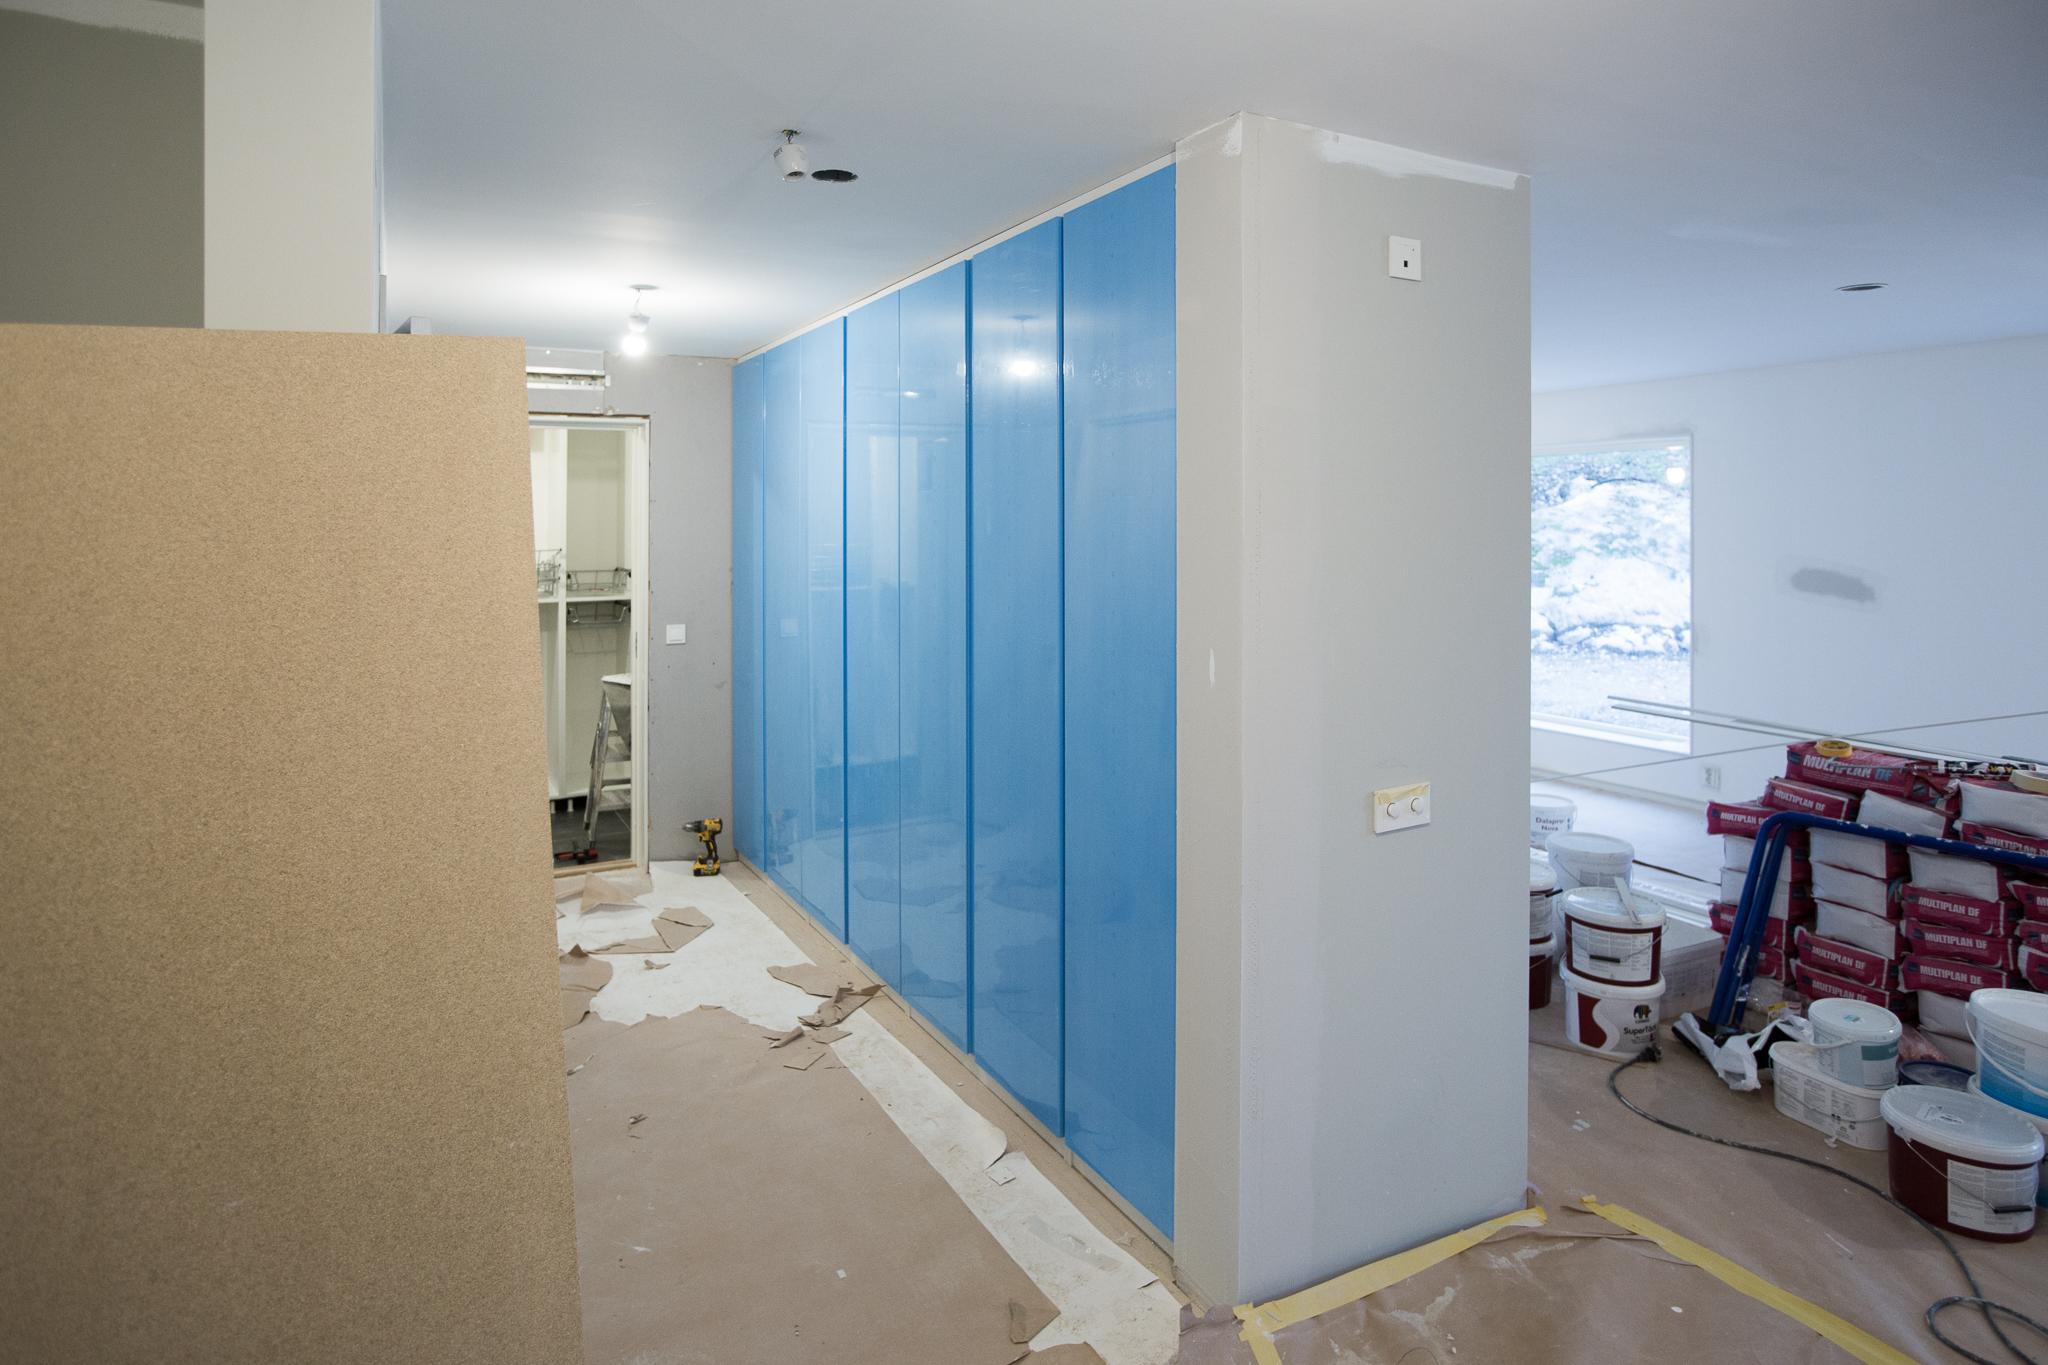 Klädförvaring och städskåp i hall. Inbyggda garderober IKEA PAX med dörr VIKANES vit (här med blåskyddsplast).Integrerade handtag i dörren så det inte finns några knoppar att fastna i.